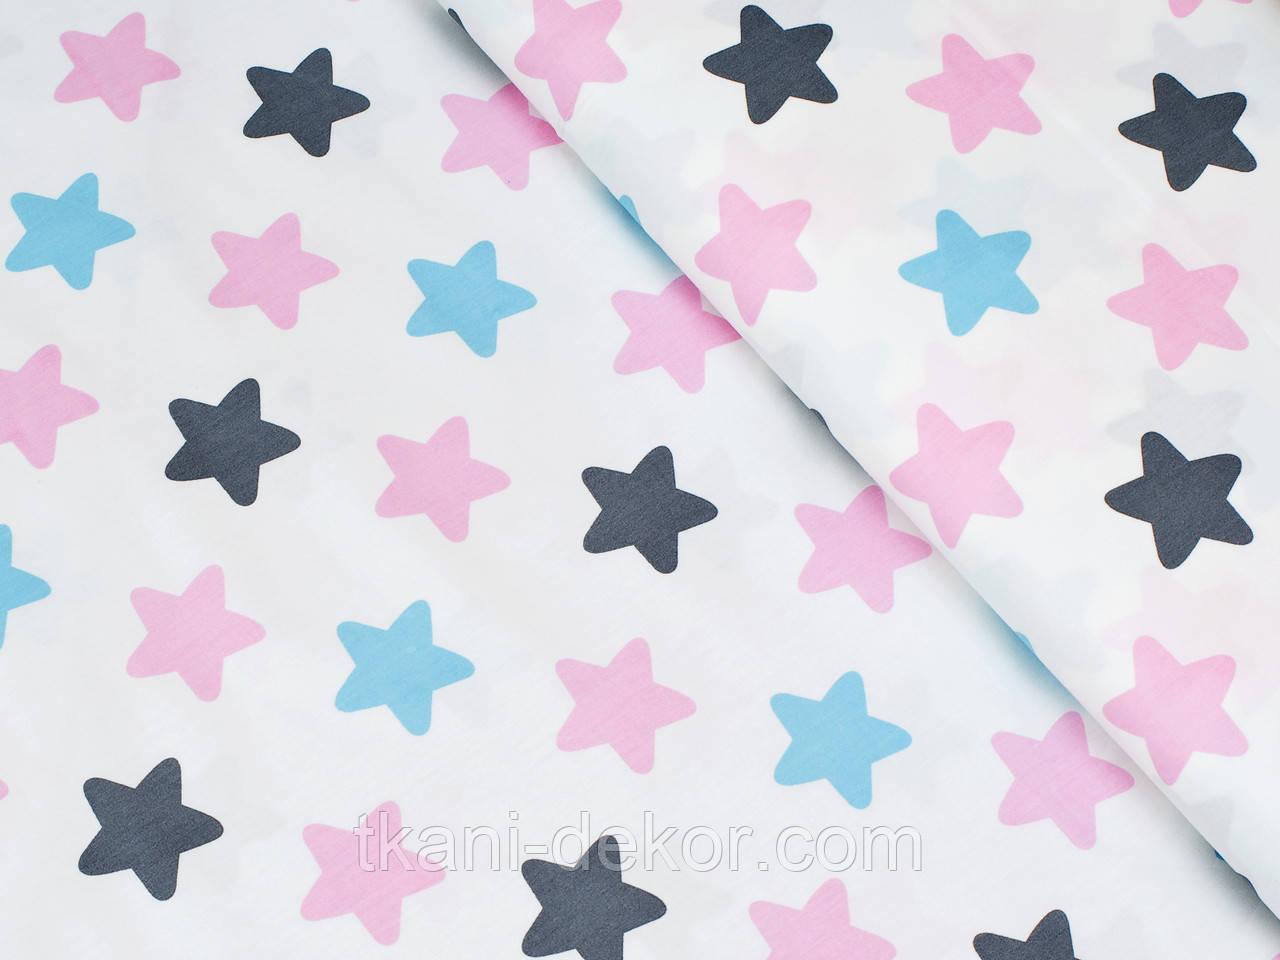 Сатин (хлопковая ткань) серо-розово-мятные звезды (40*160)